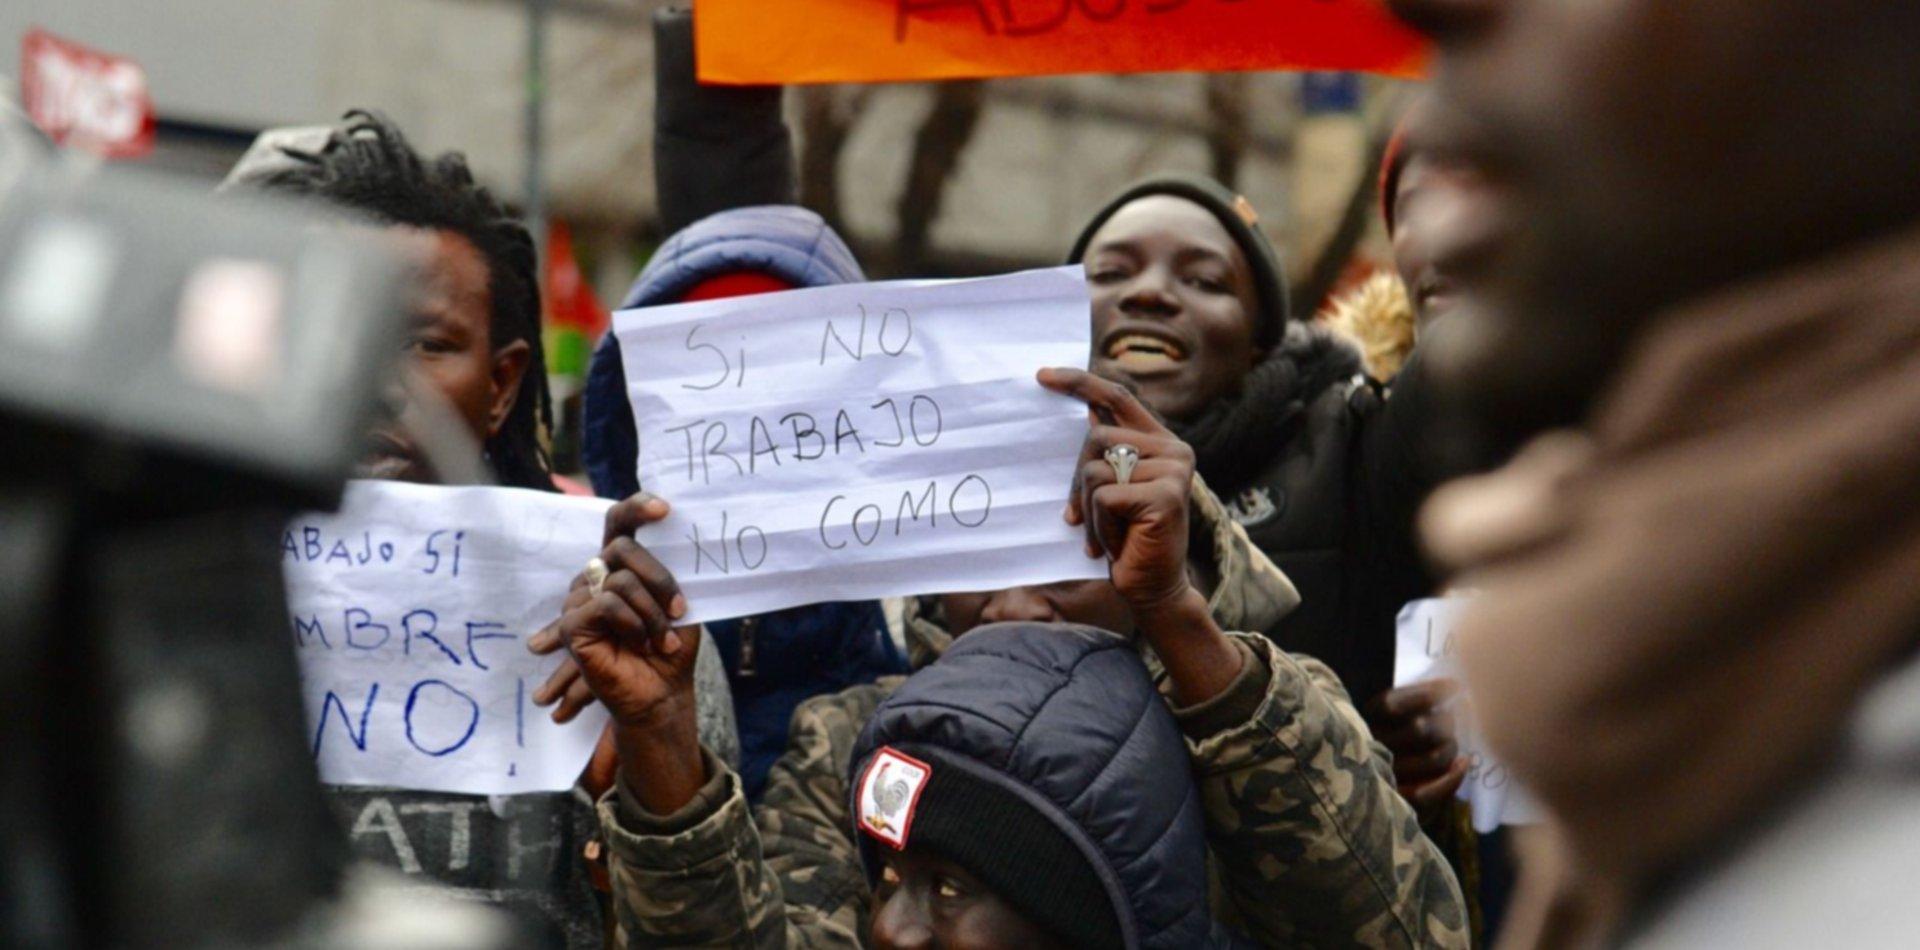 VIDEO: Vendedores senegaleses cantaron la marcha peronista durante la  protesta en La Plata | 0221